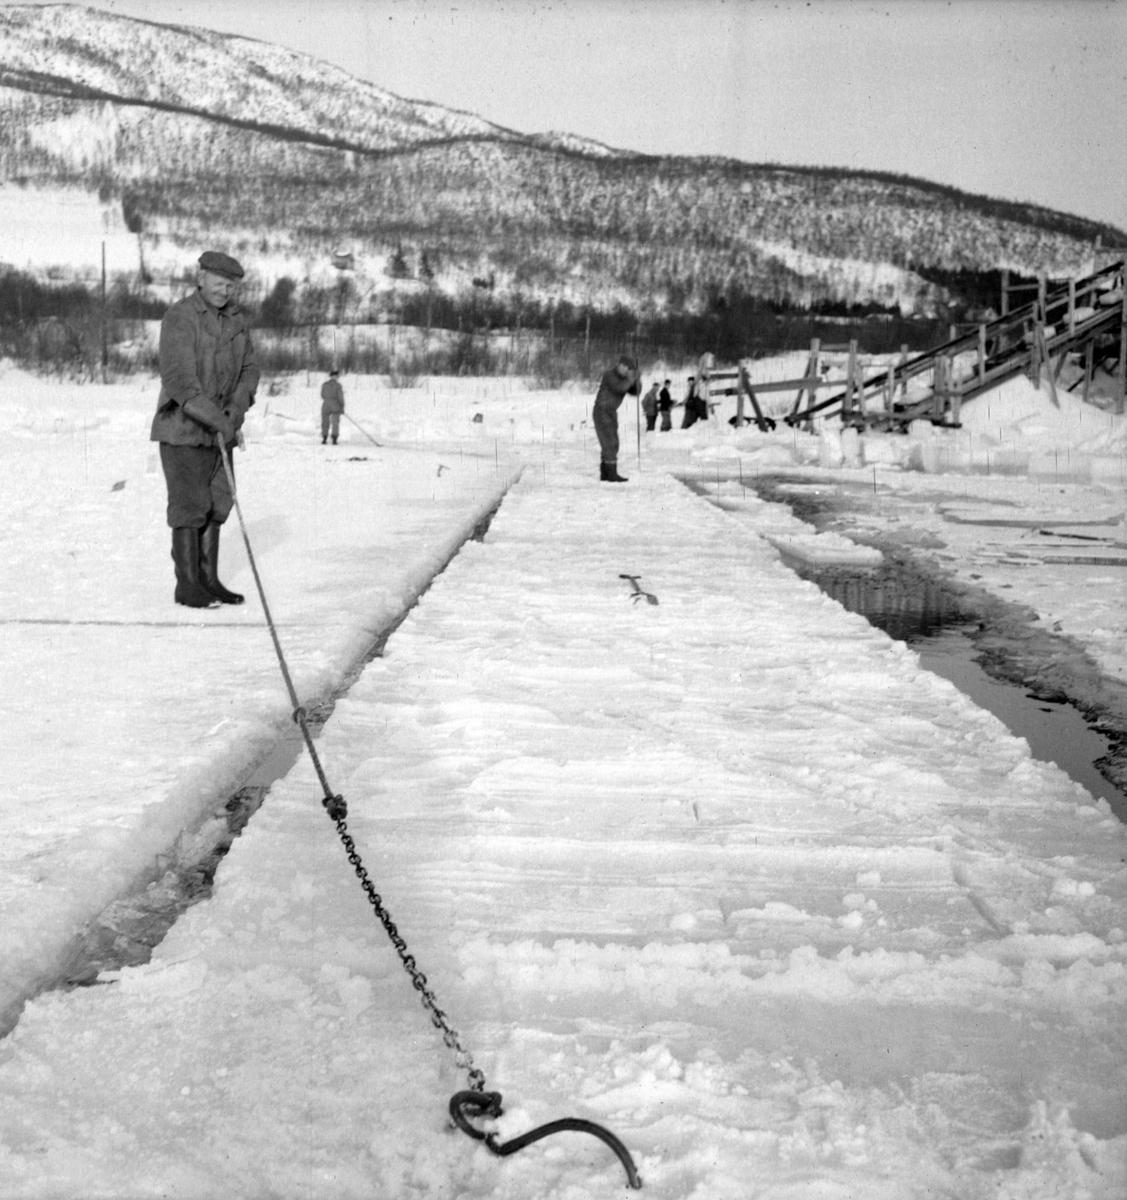 Isskjæring på Møkkelandsvannet, 1954. Isen skulle brukes hos Bertheus Nilsen i byen.